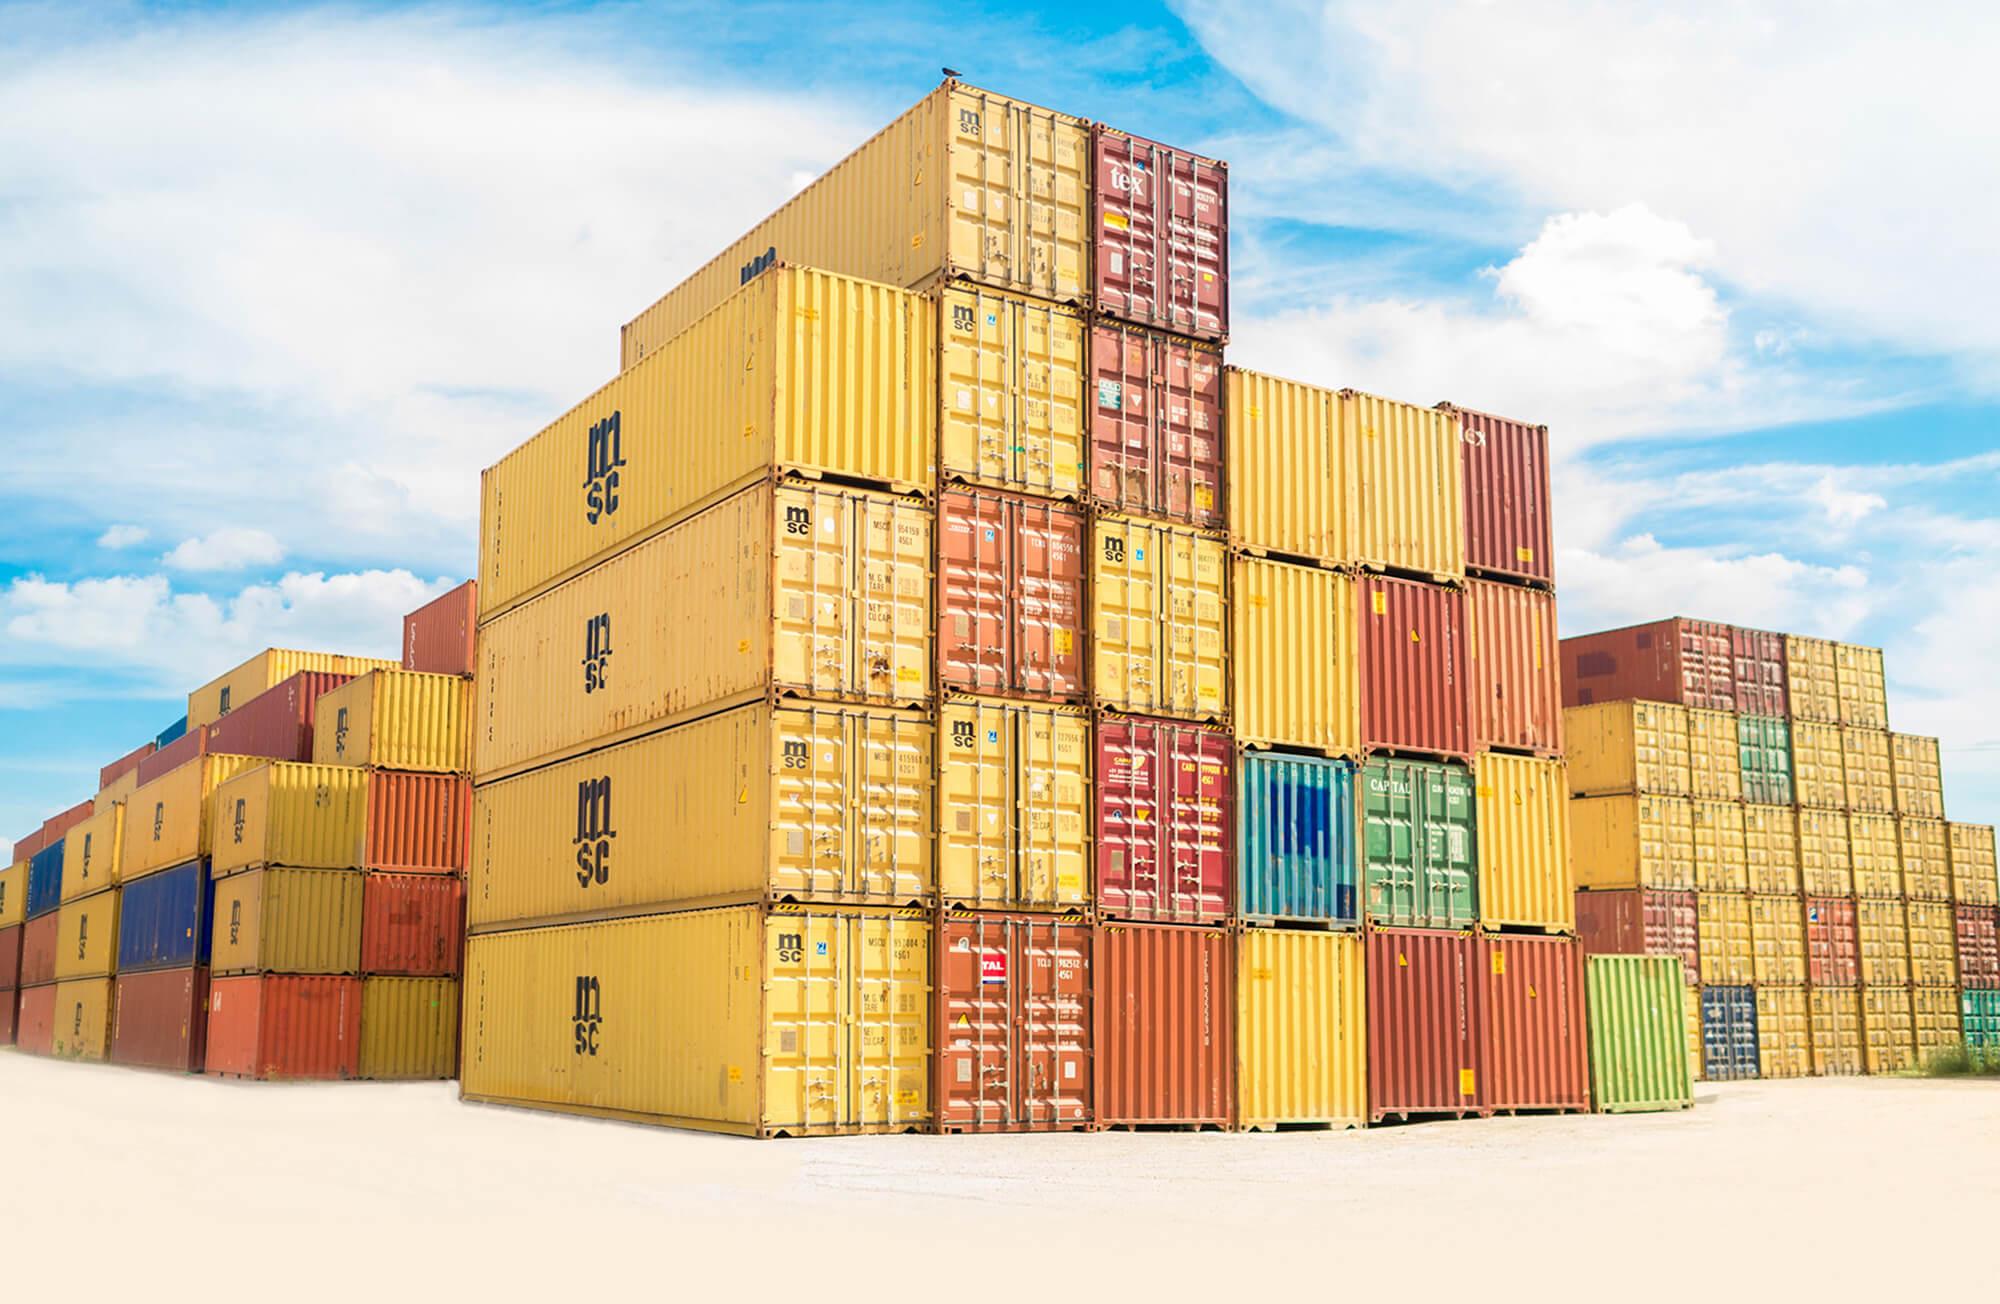 フィリピン現地企業だけが知っている!? | フィリピン輸出入の貿易ビジネスのノウハウ教えます【前編】